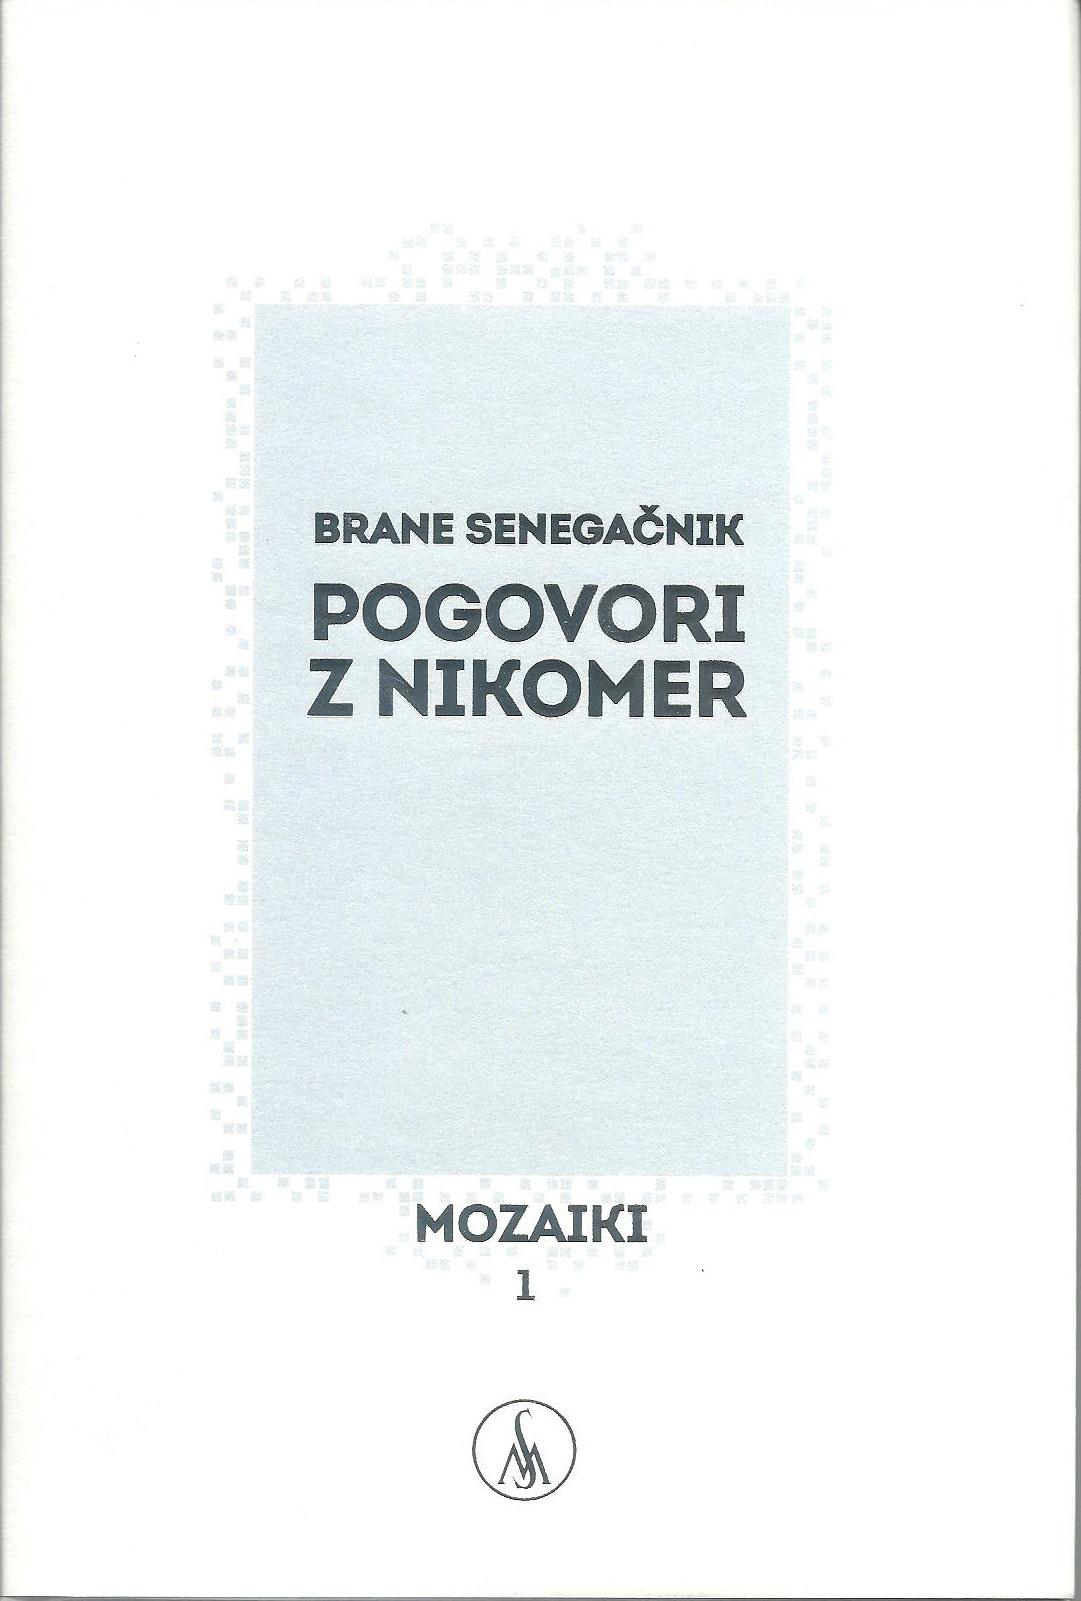 24. Kvirinovi poetski susreti, Sisak, Hrvaška